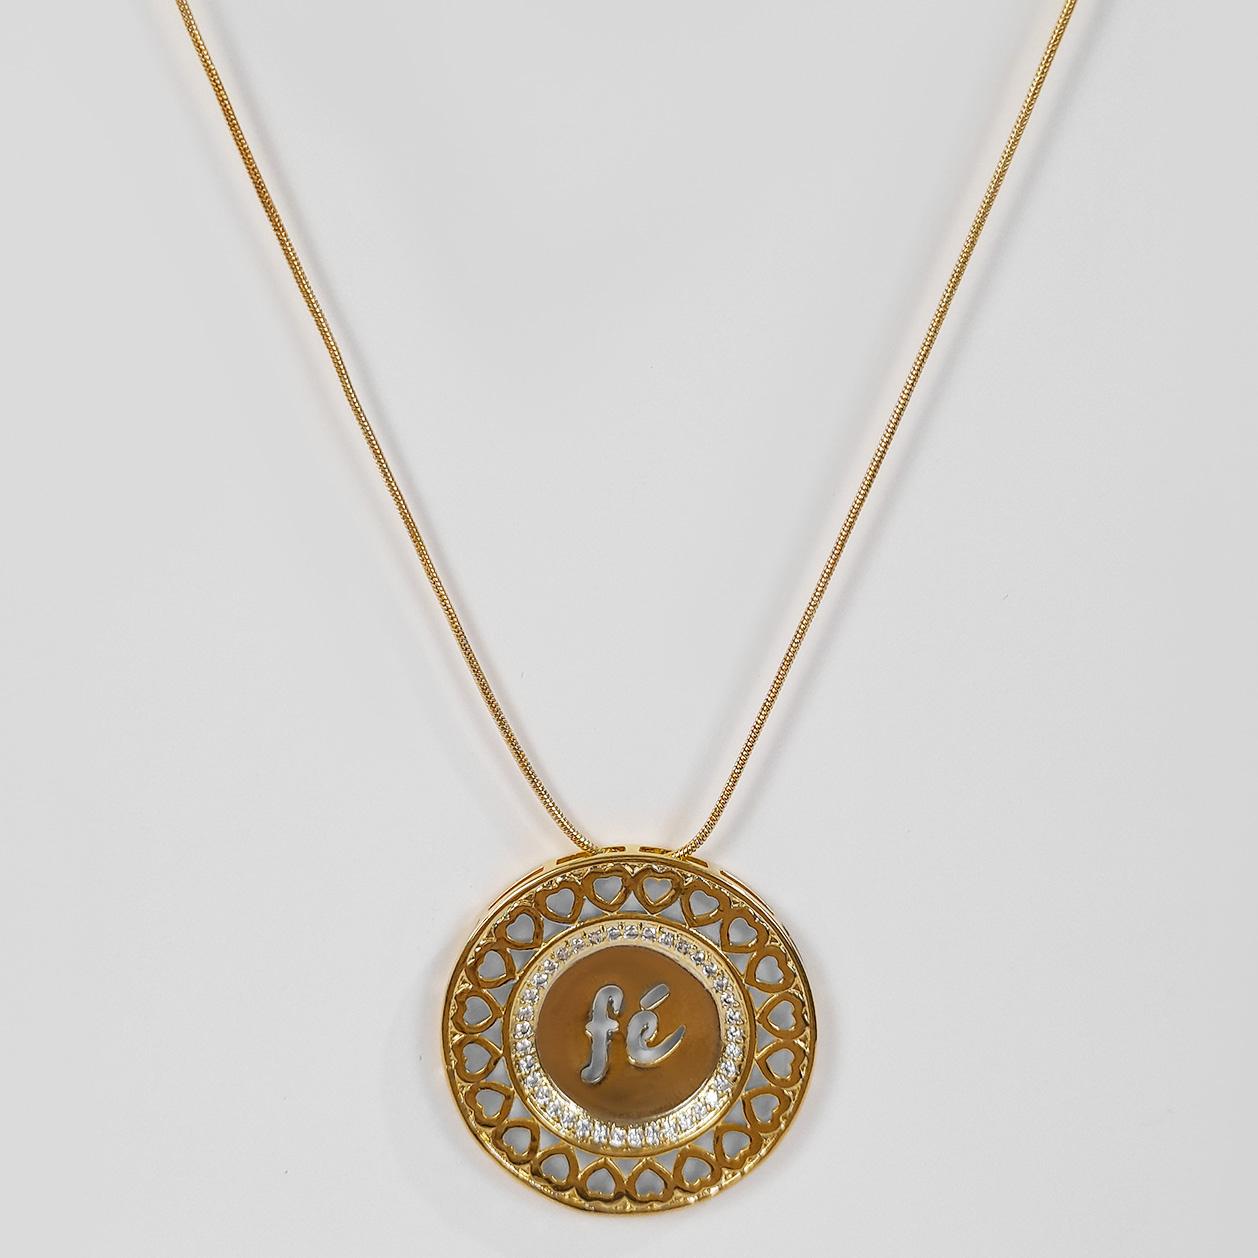 Colar Comprido Medalhão Fé Cravejado Folheado Ouro 18k  - Lunozê Joias